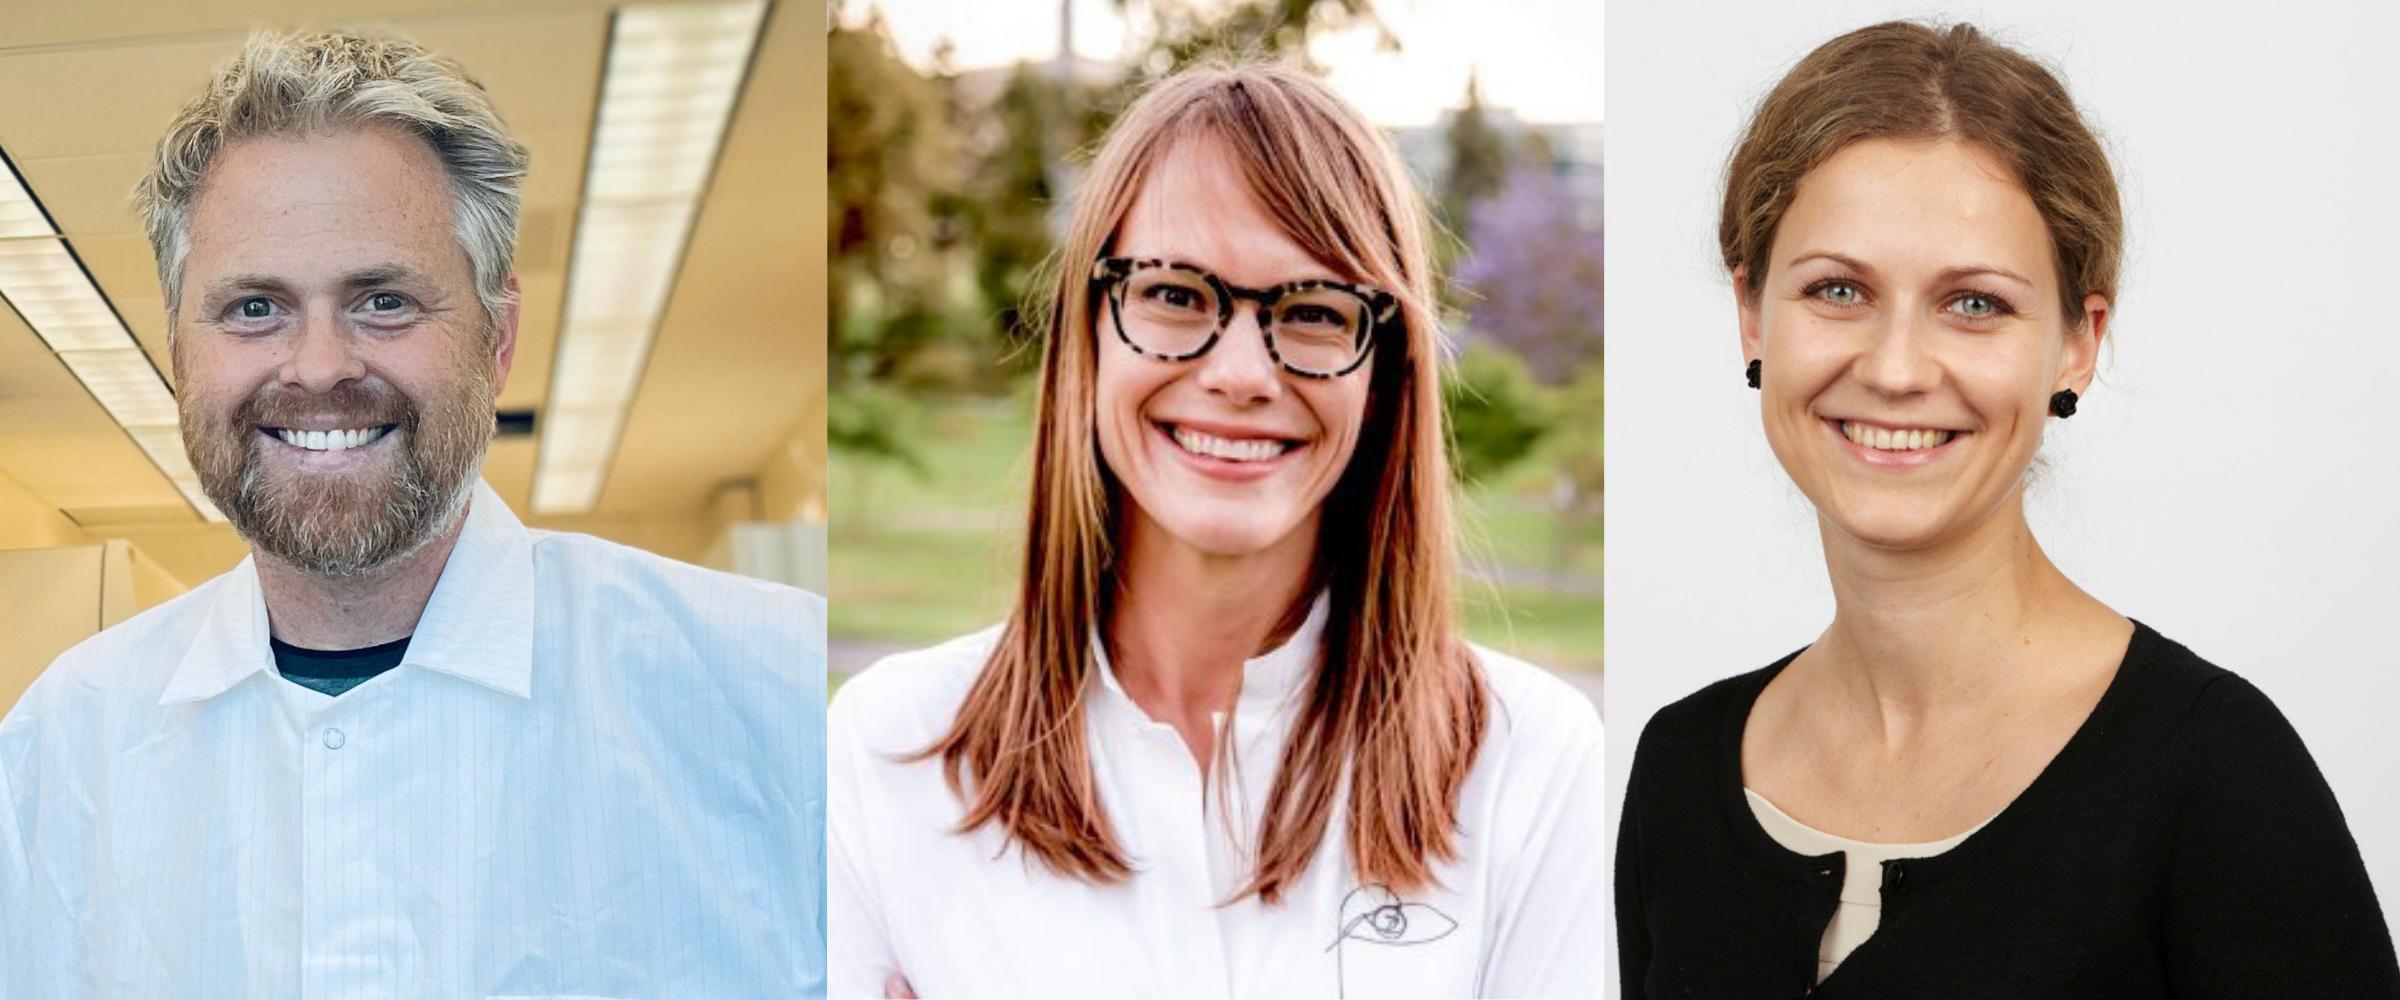 3 awardees for the dean's award 2021